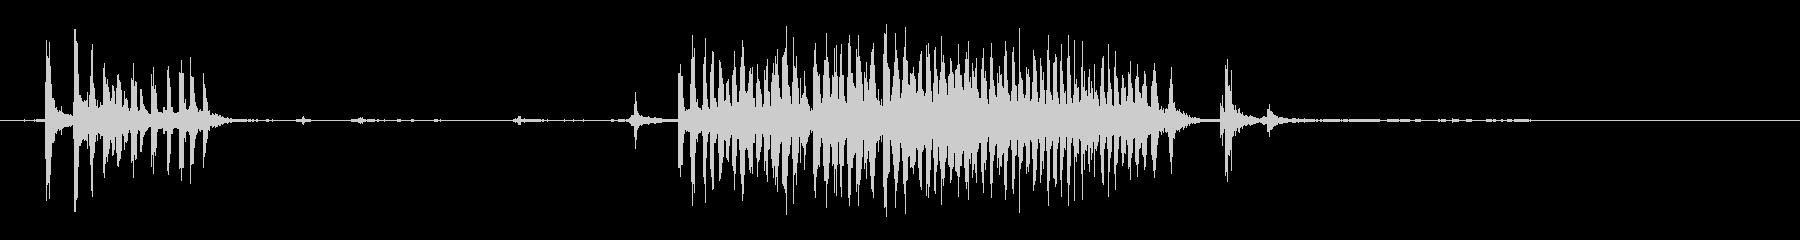 梱包テープディスペンサー-テーピン...の未再生の波形